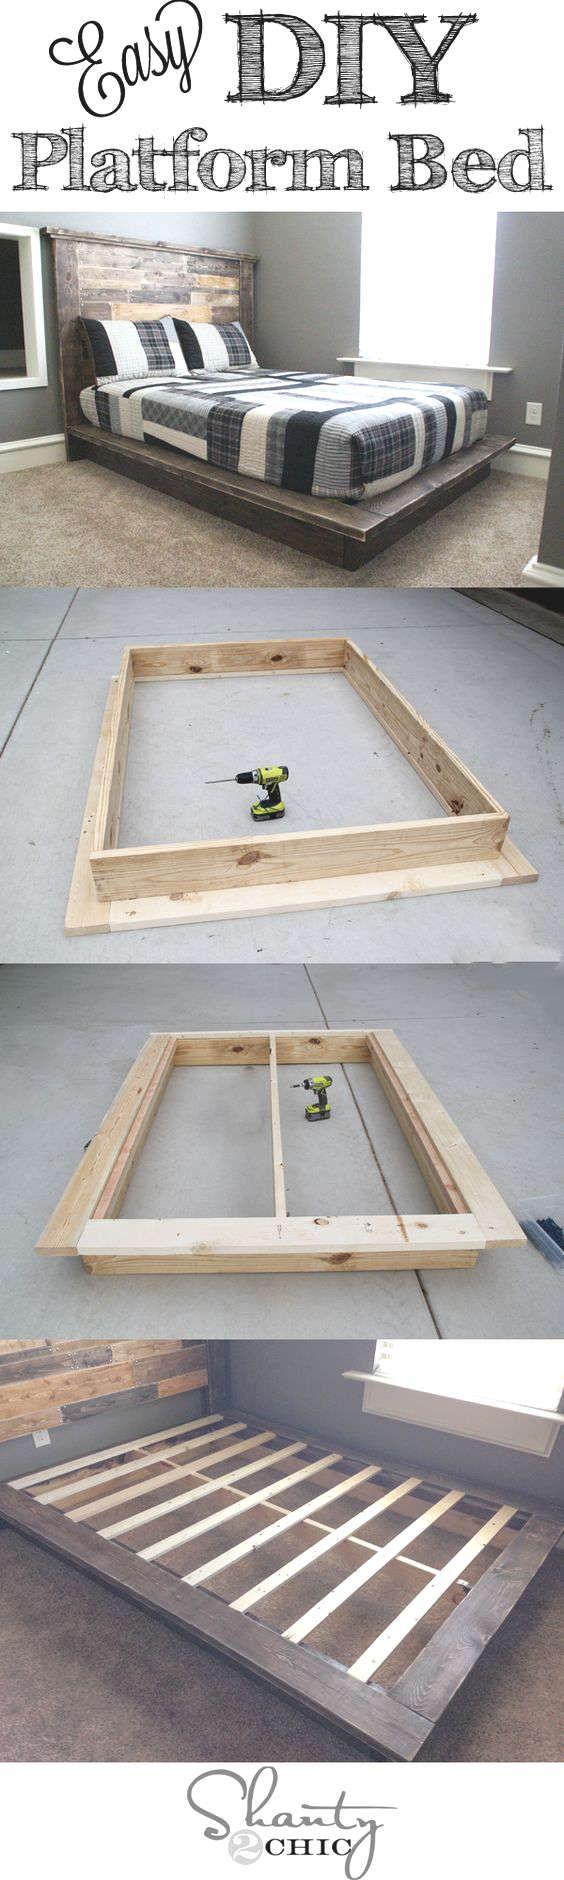 Fabriquer un lit plateforme en bois.  Platform bed diy                                                                                                                                                                                 Plus